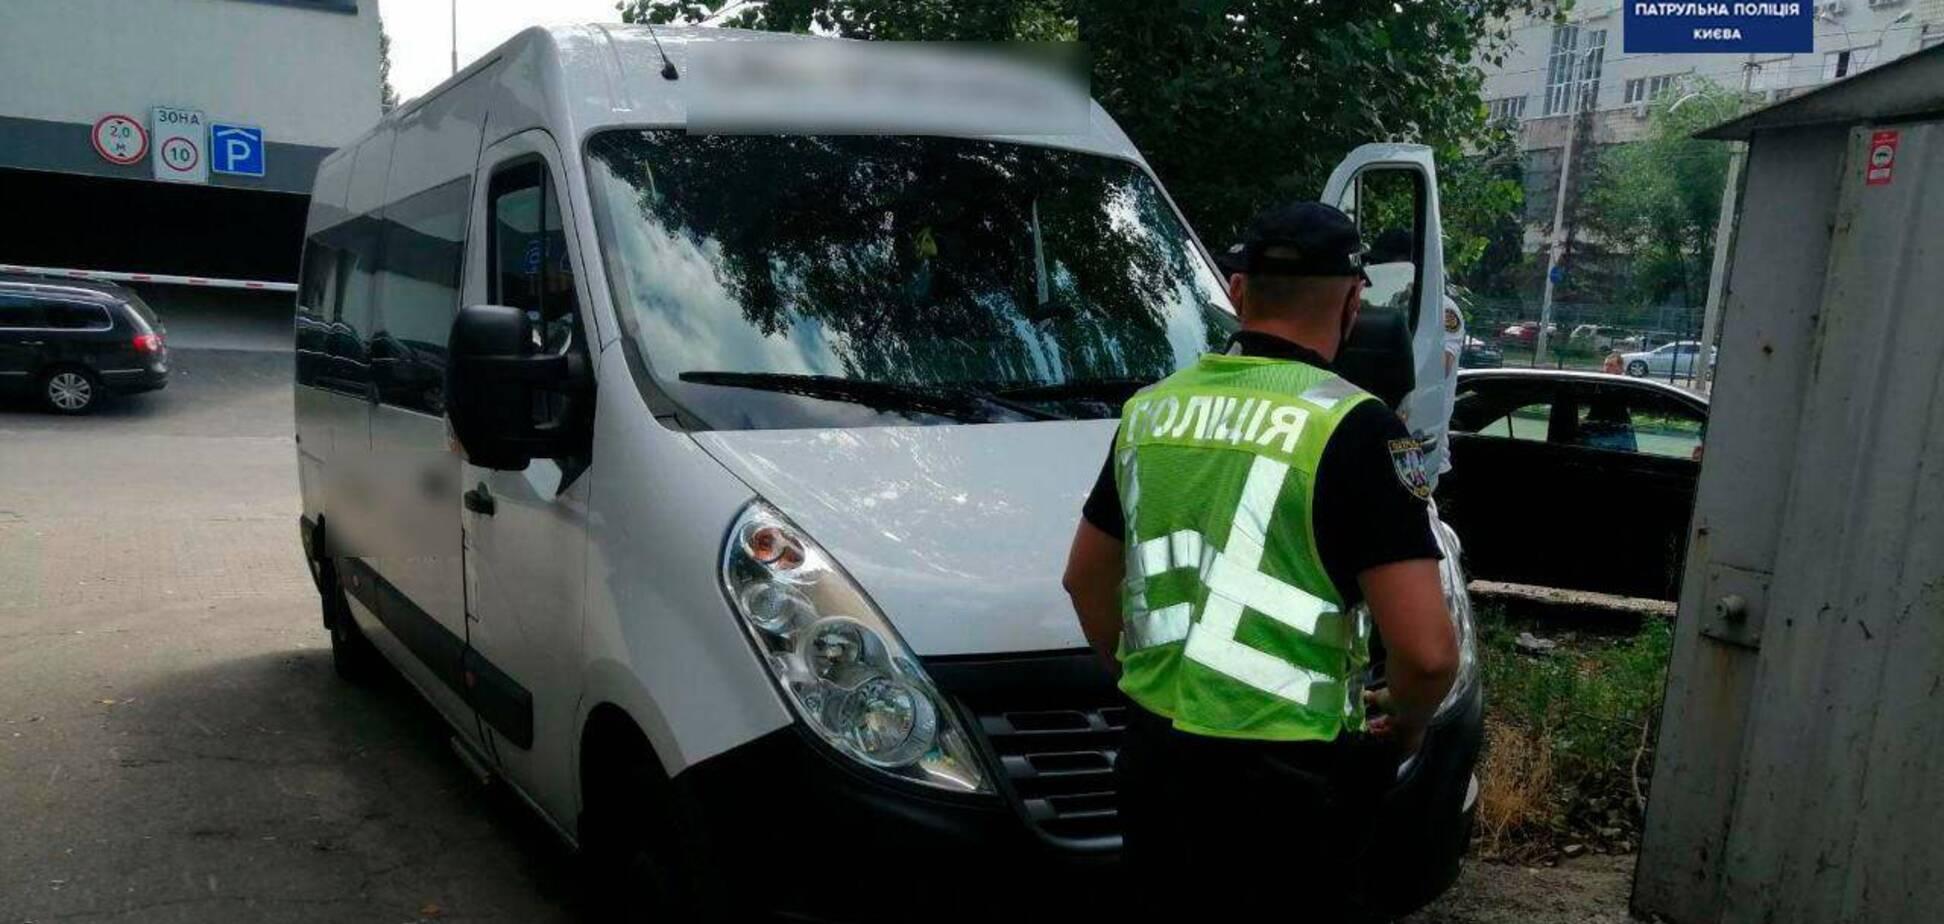 У Києві патрульні спіймали п'яного водія автобуса